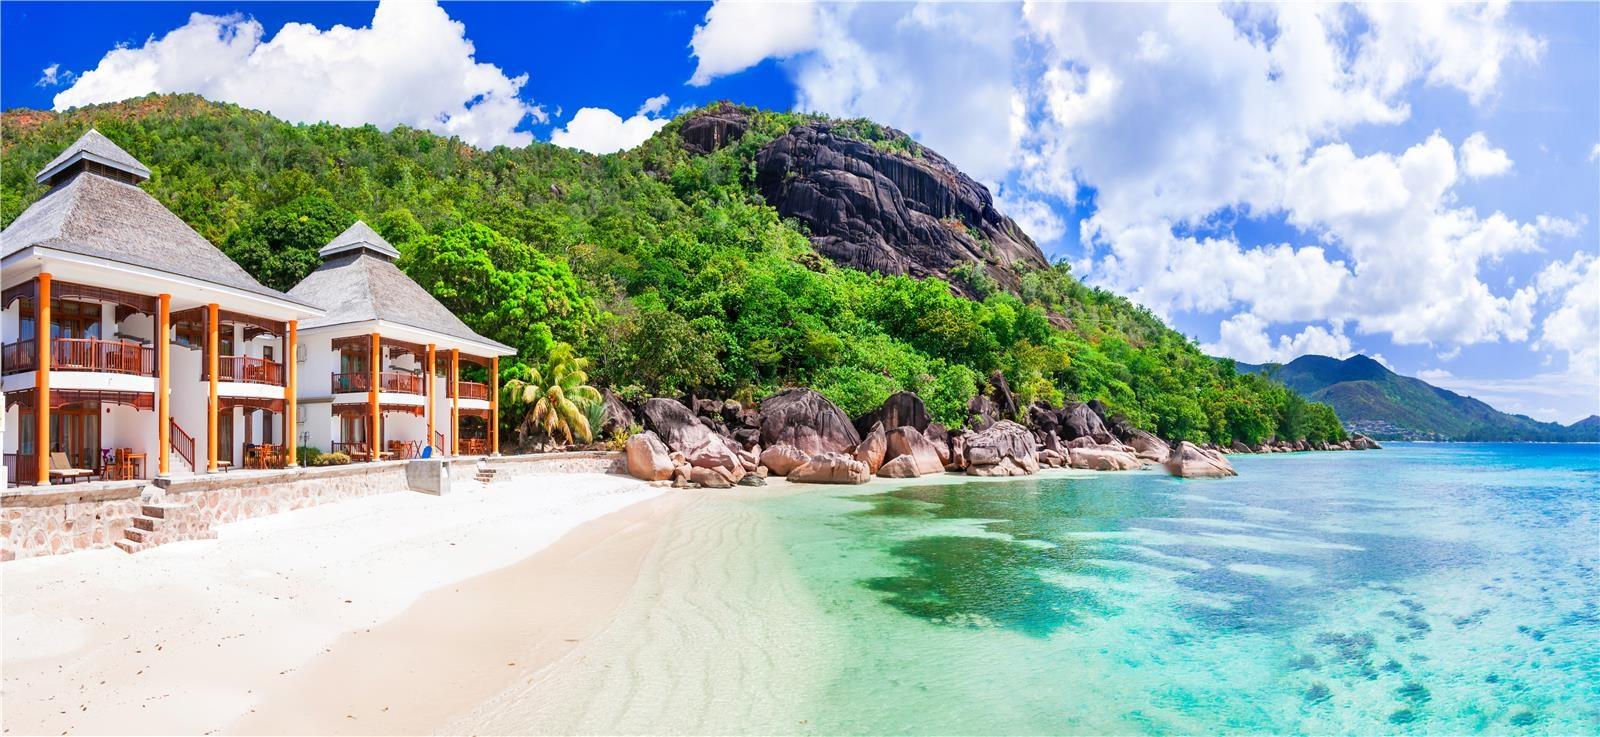 איי שייסל (צילום: Shutterstock)